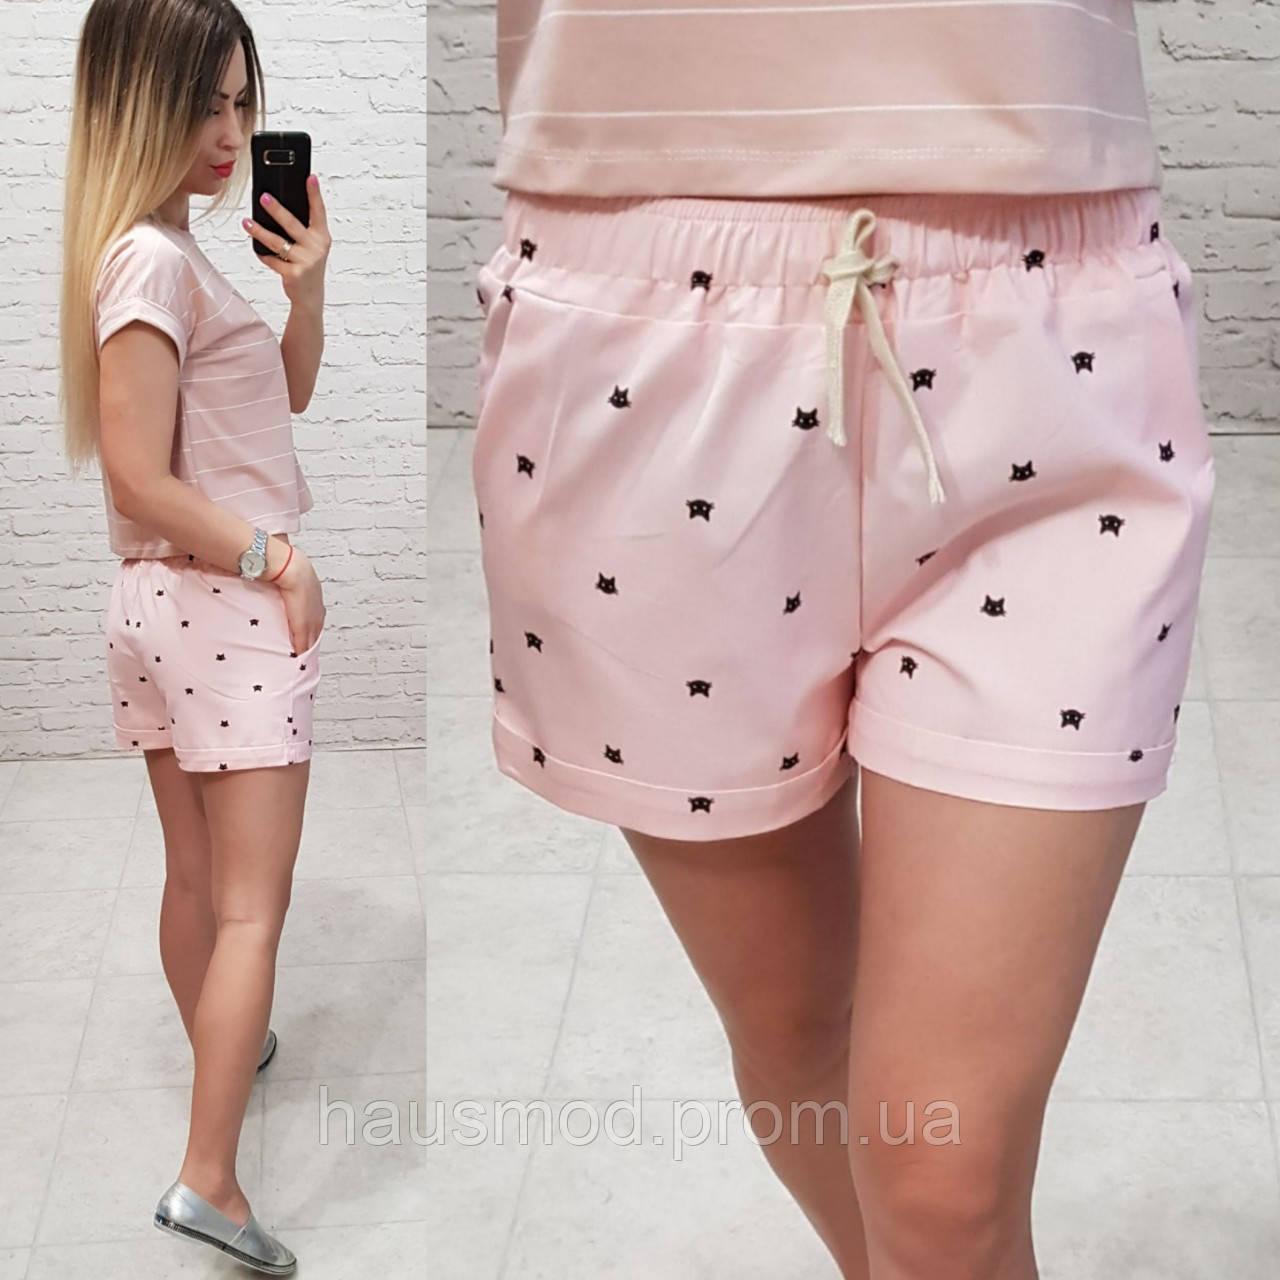 Женские шорты короткие узор котики ткань катон Турция размер Универсал 42-46 рр. длина 30 см цвет розовый